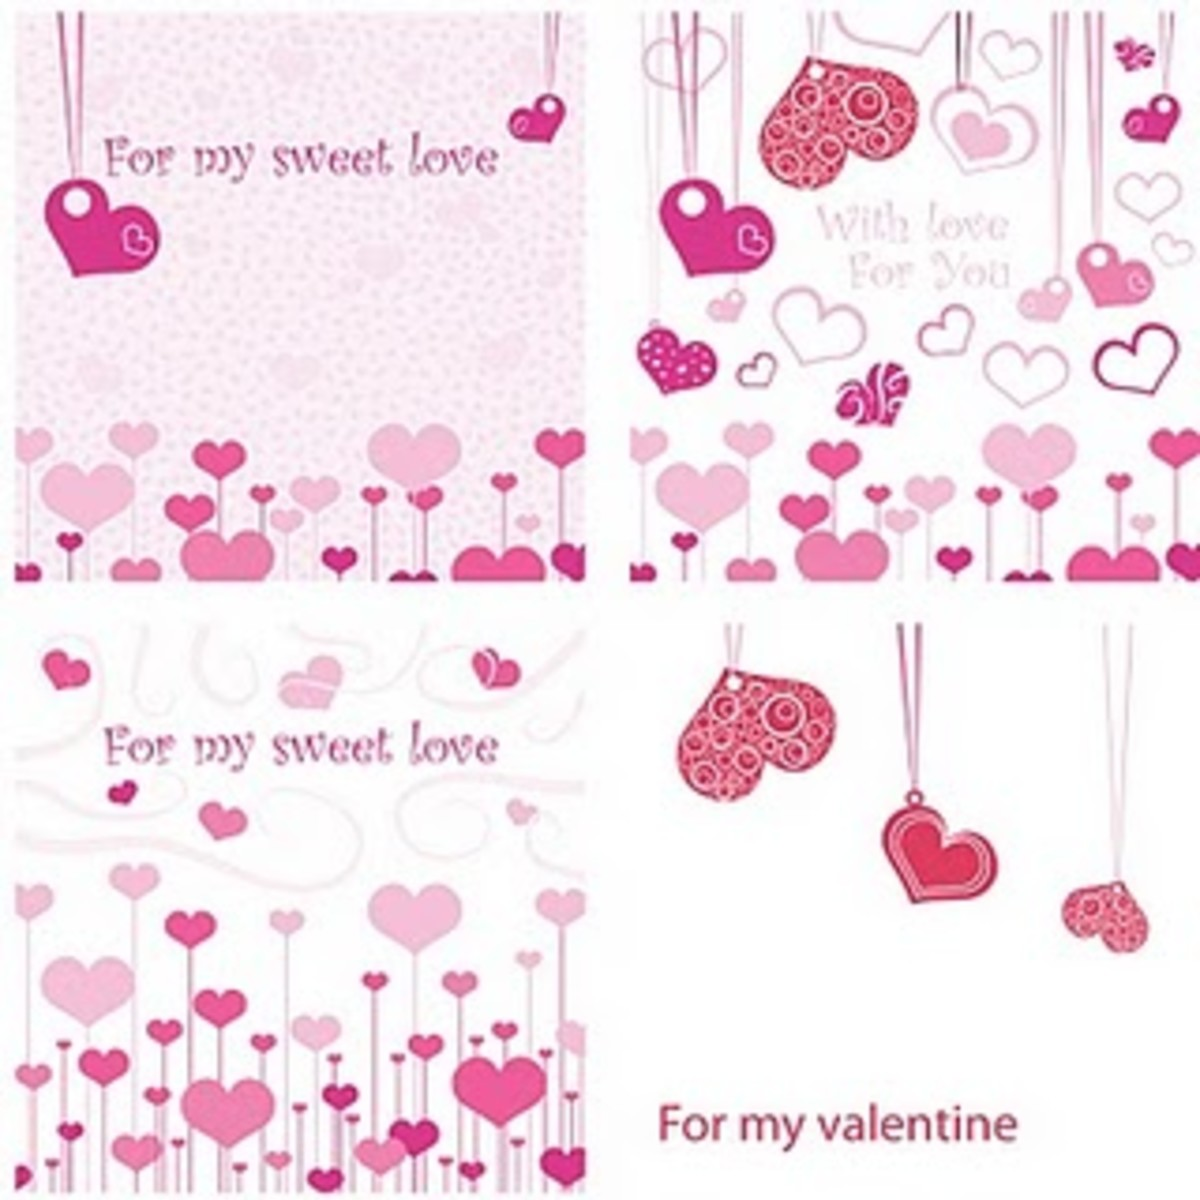 valentine's day cards at SKHedr Designs